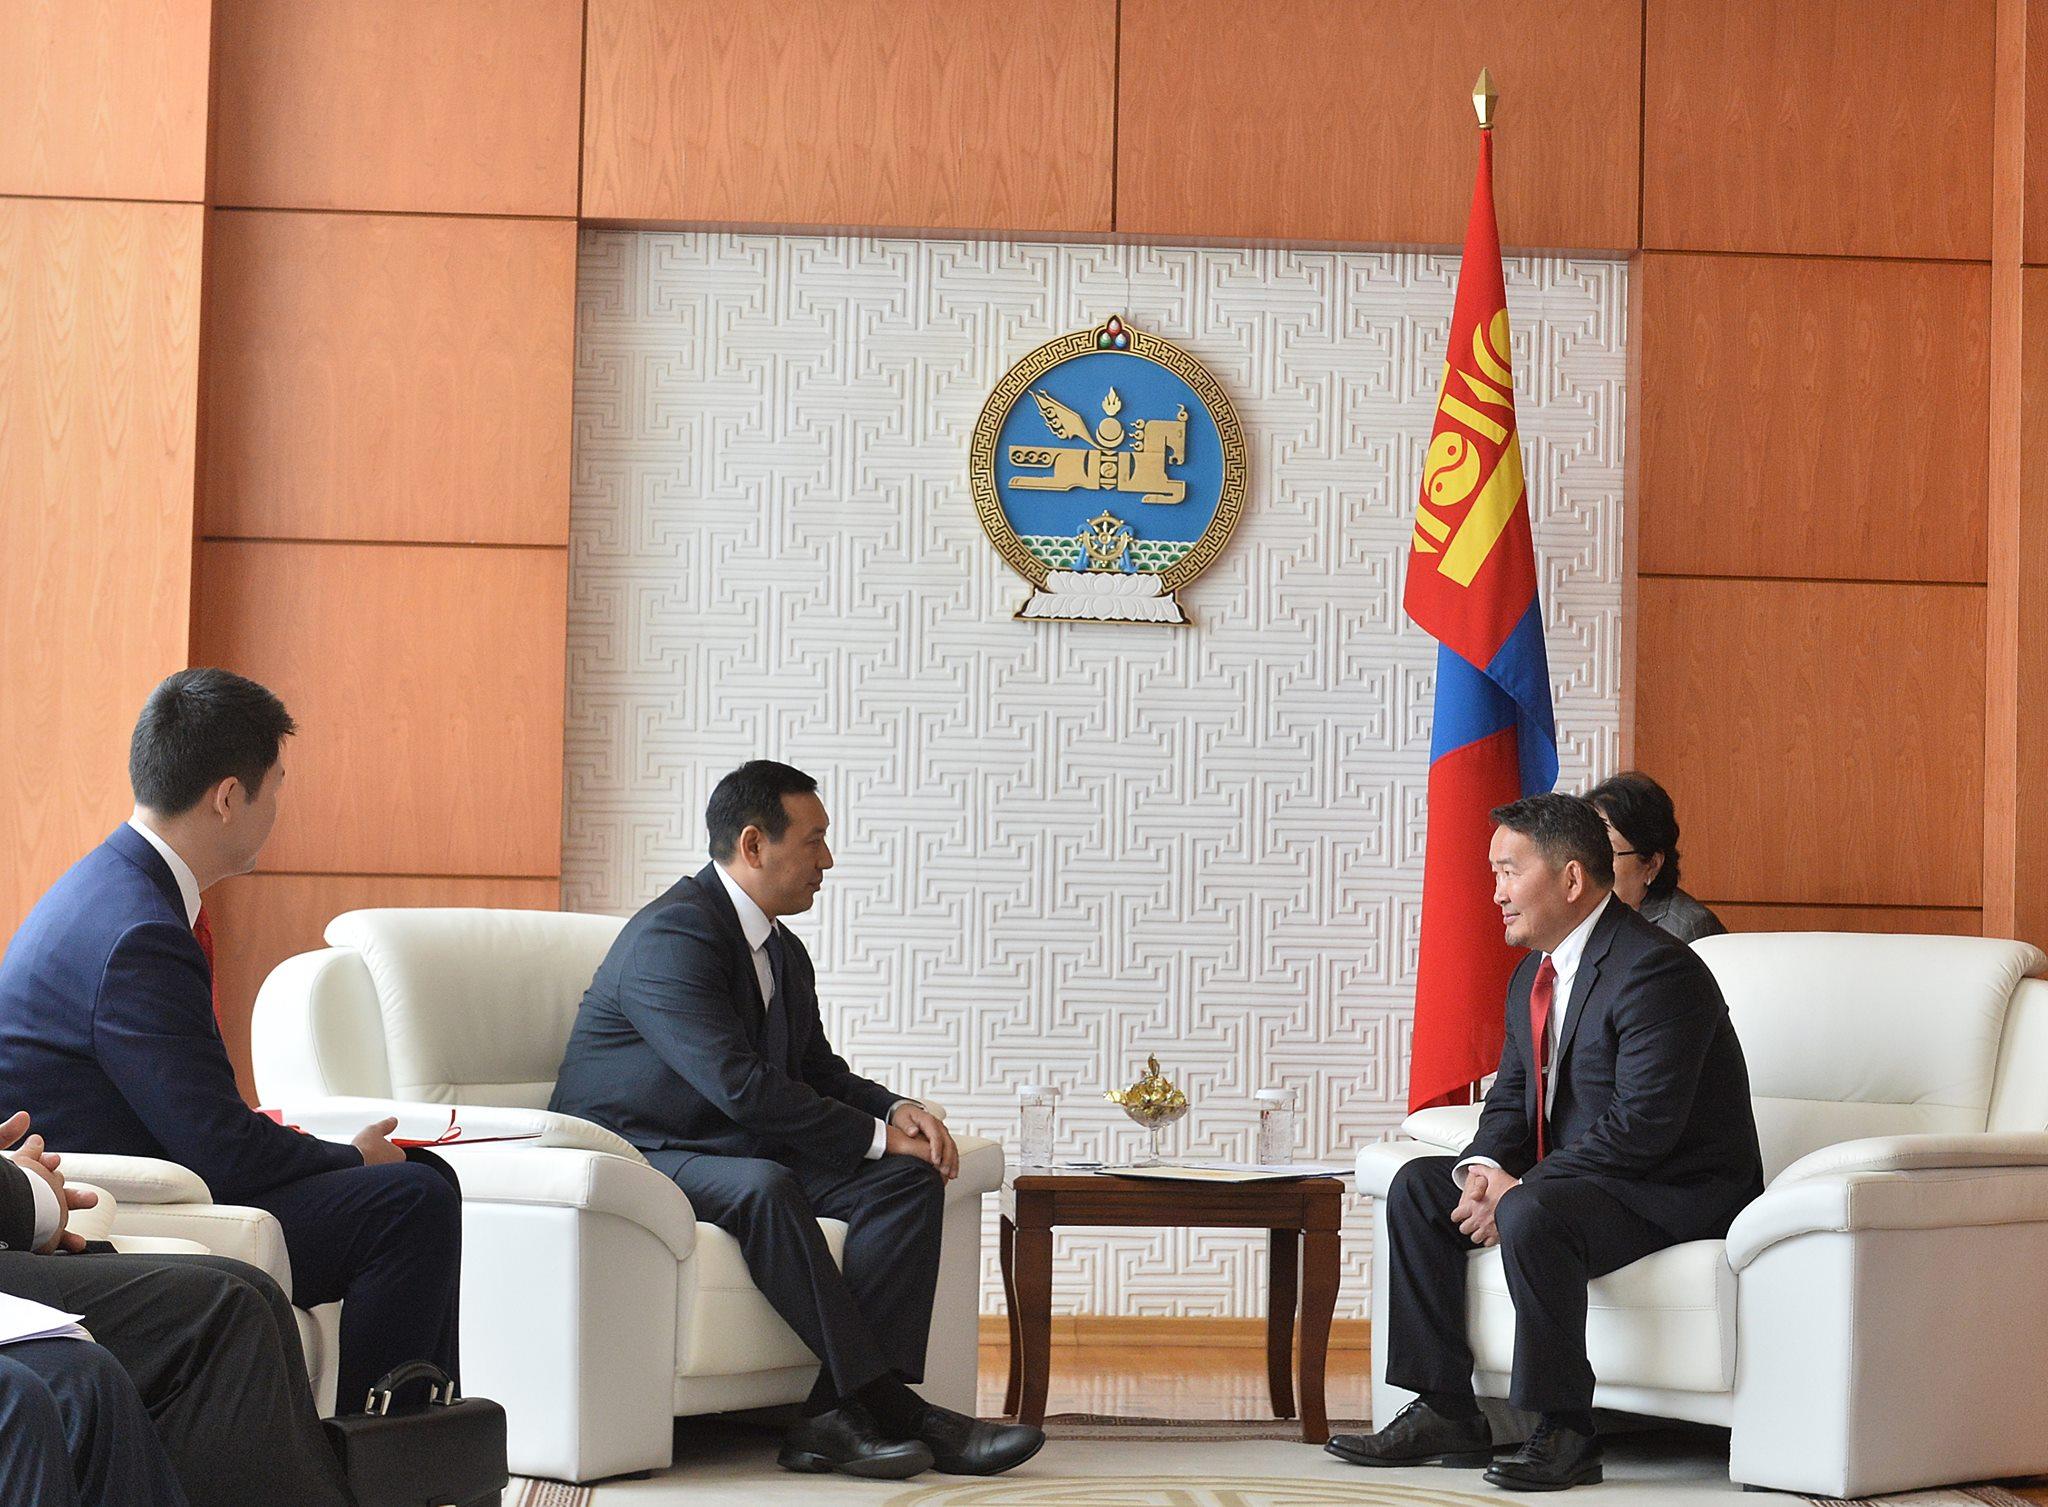 Бүгд Найрамдах Киргиз Улсын Ерөнхий сайдын тусгай элчийг хүлээн авч уулзлаа